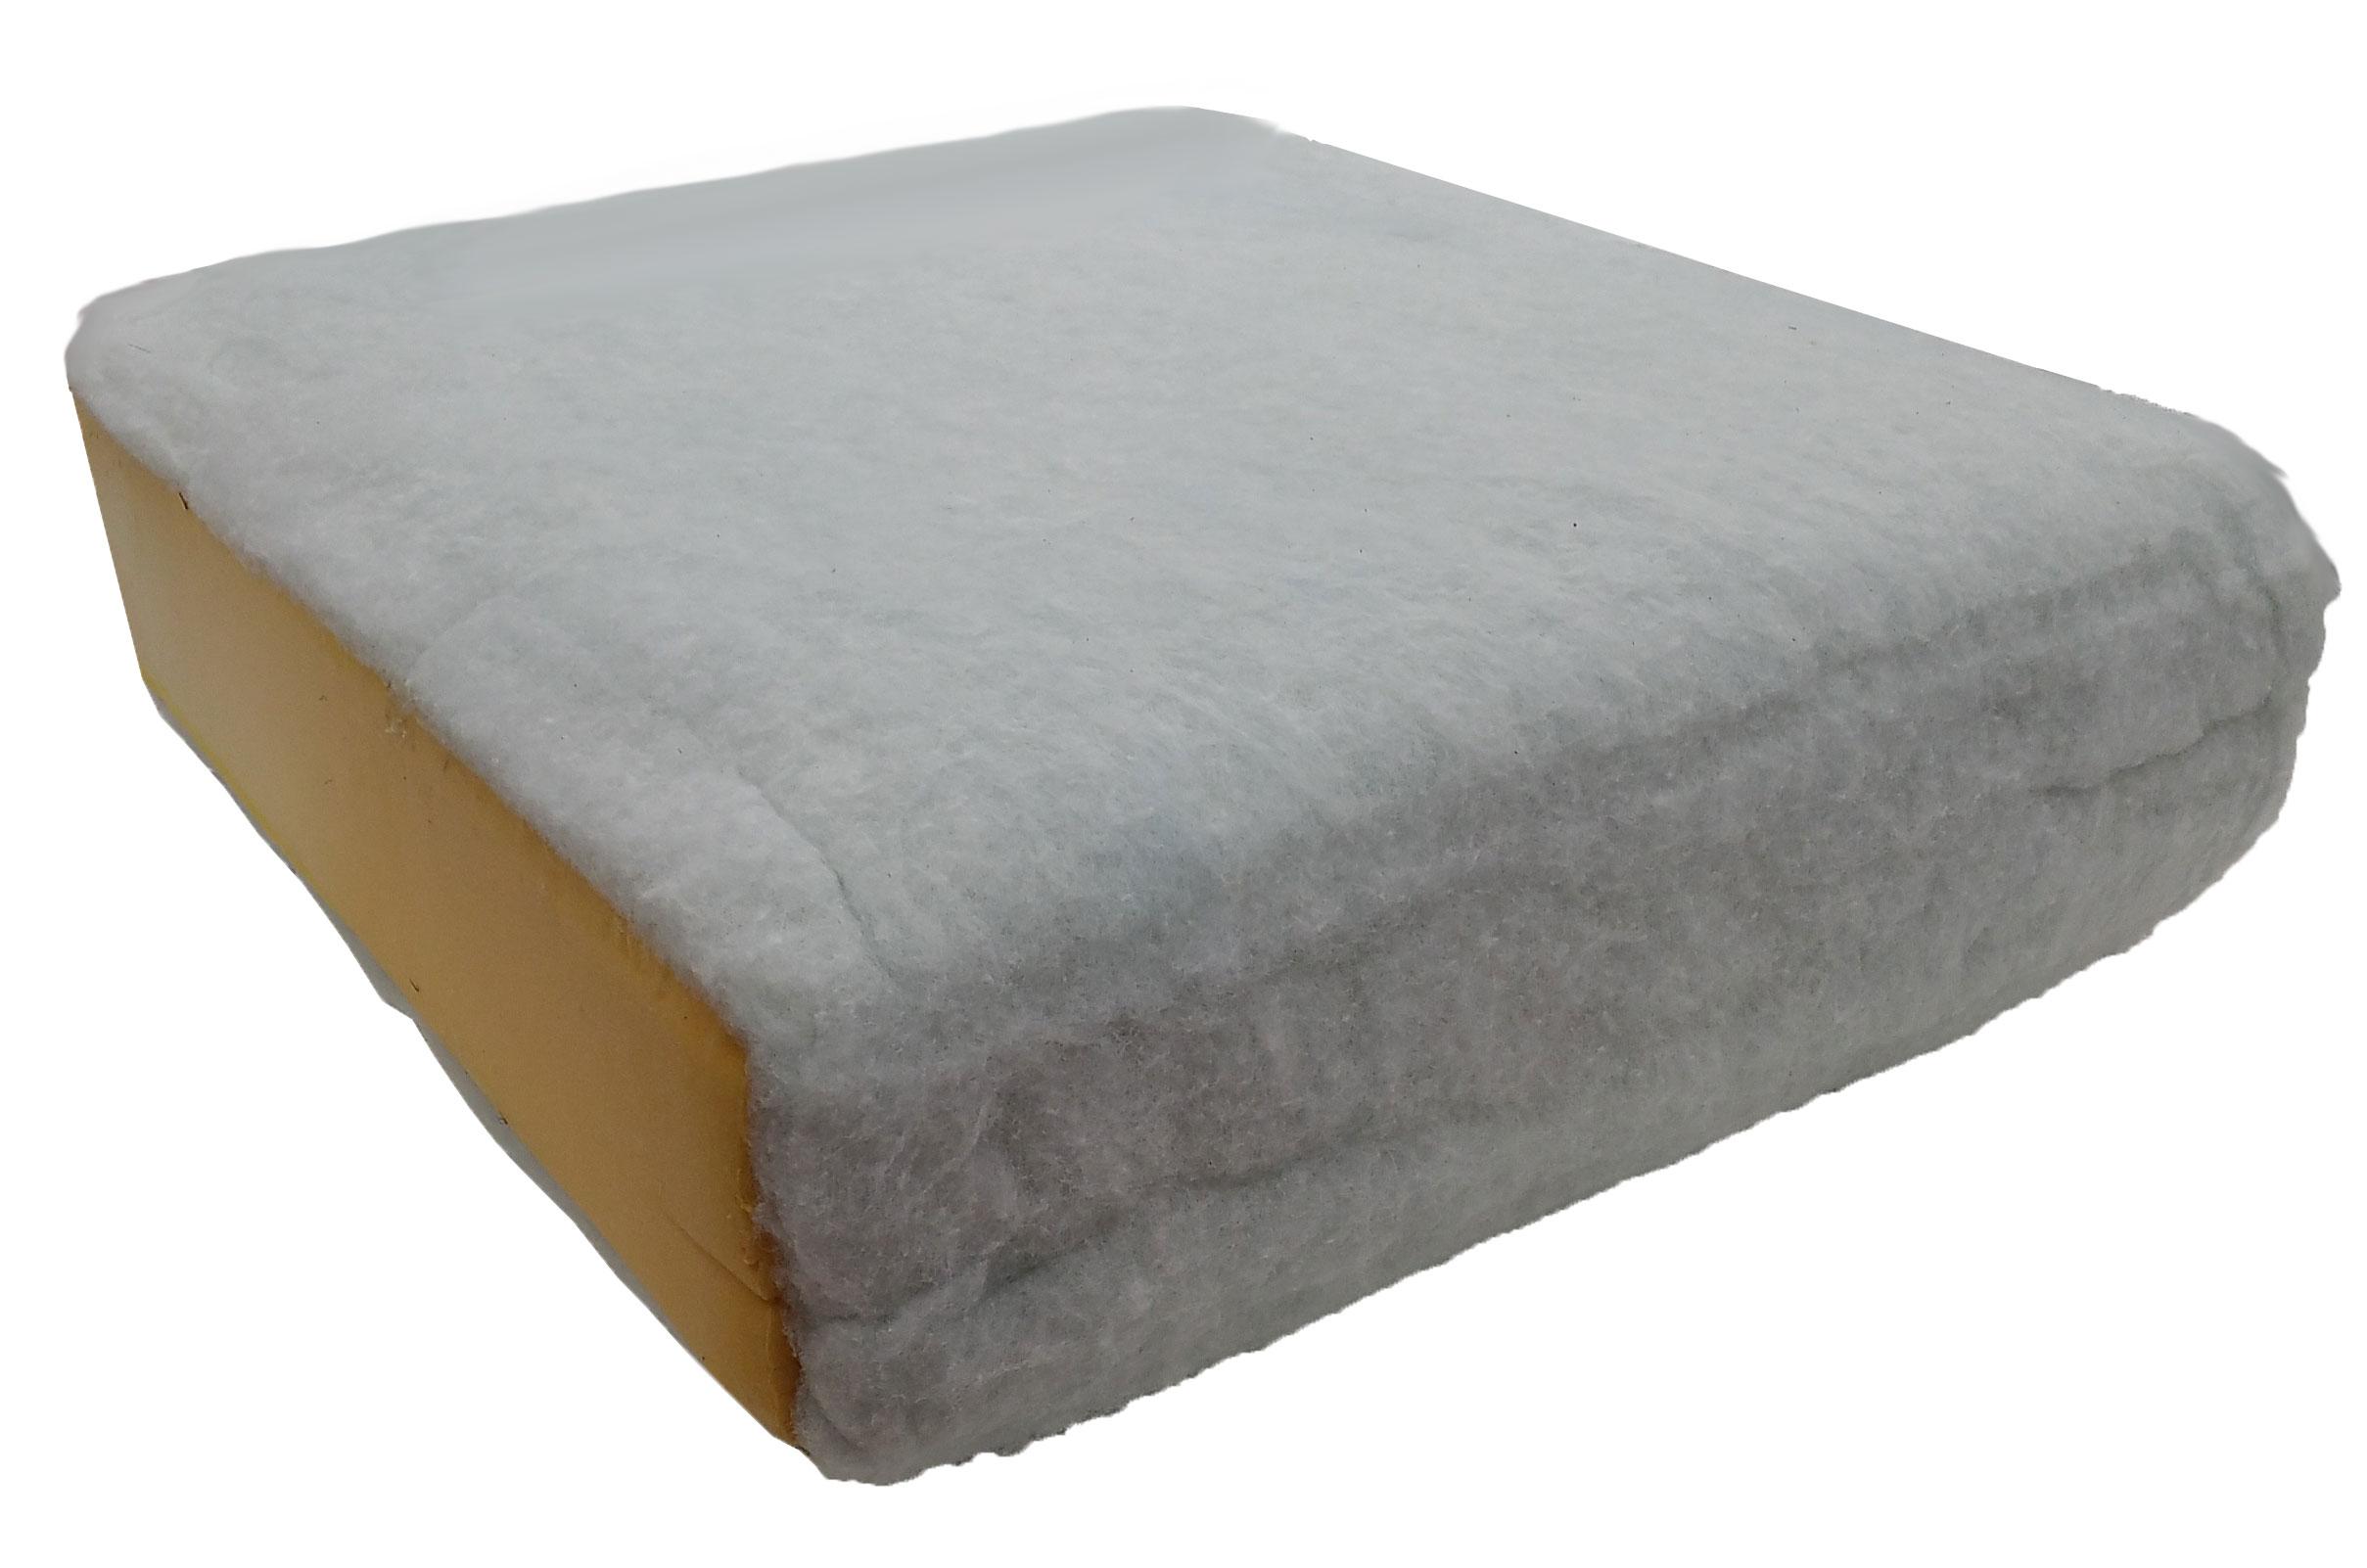 Rectangular Replacement Sofa Cushion